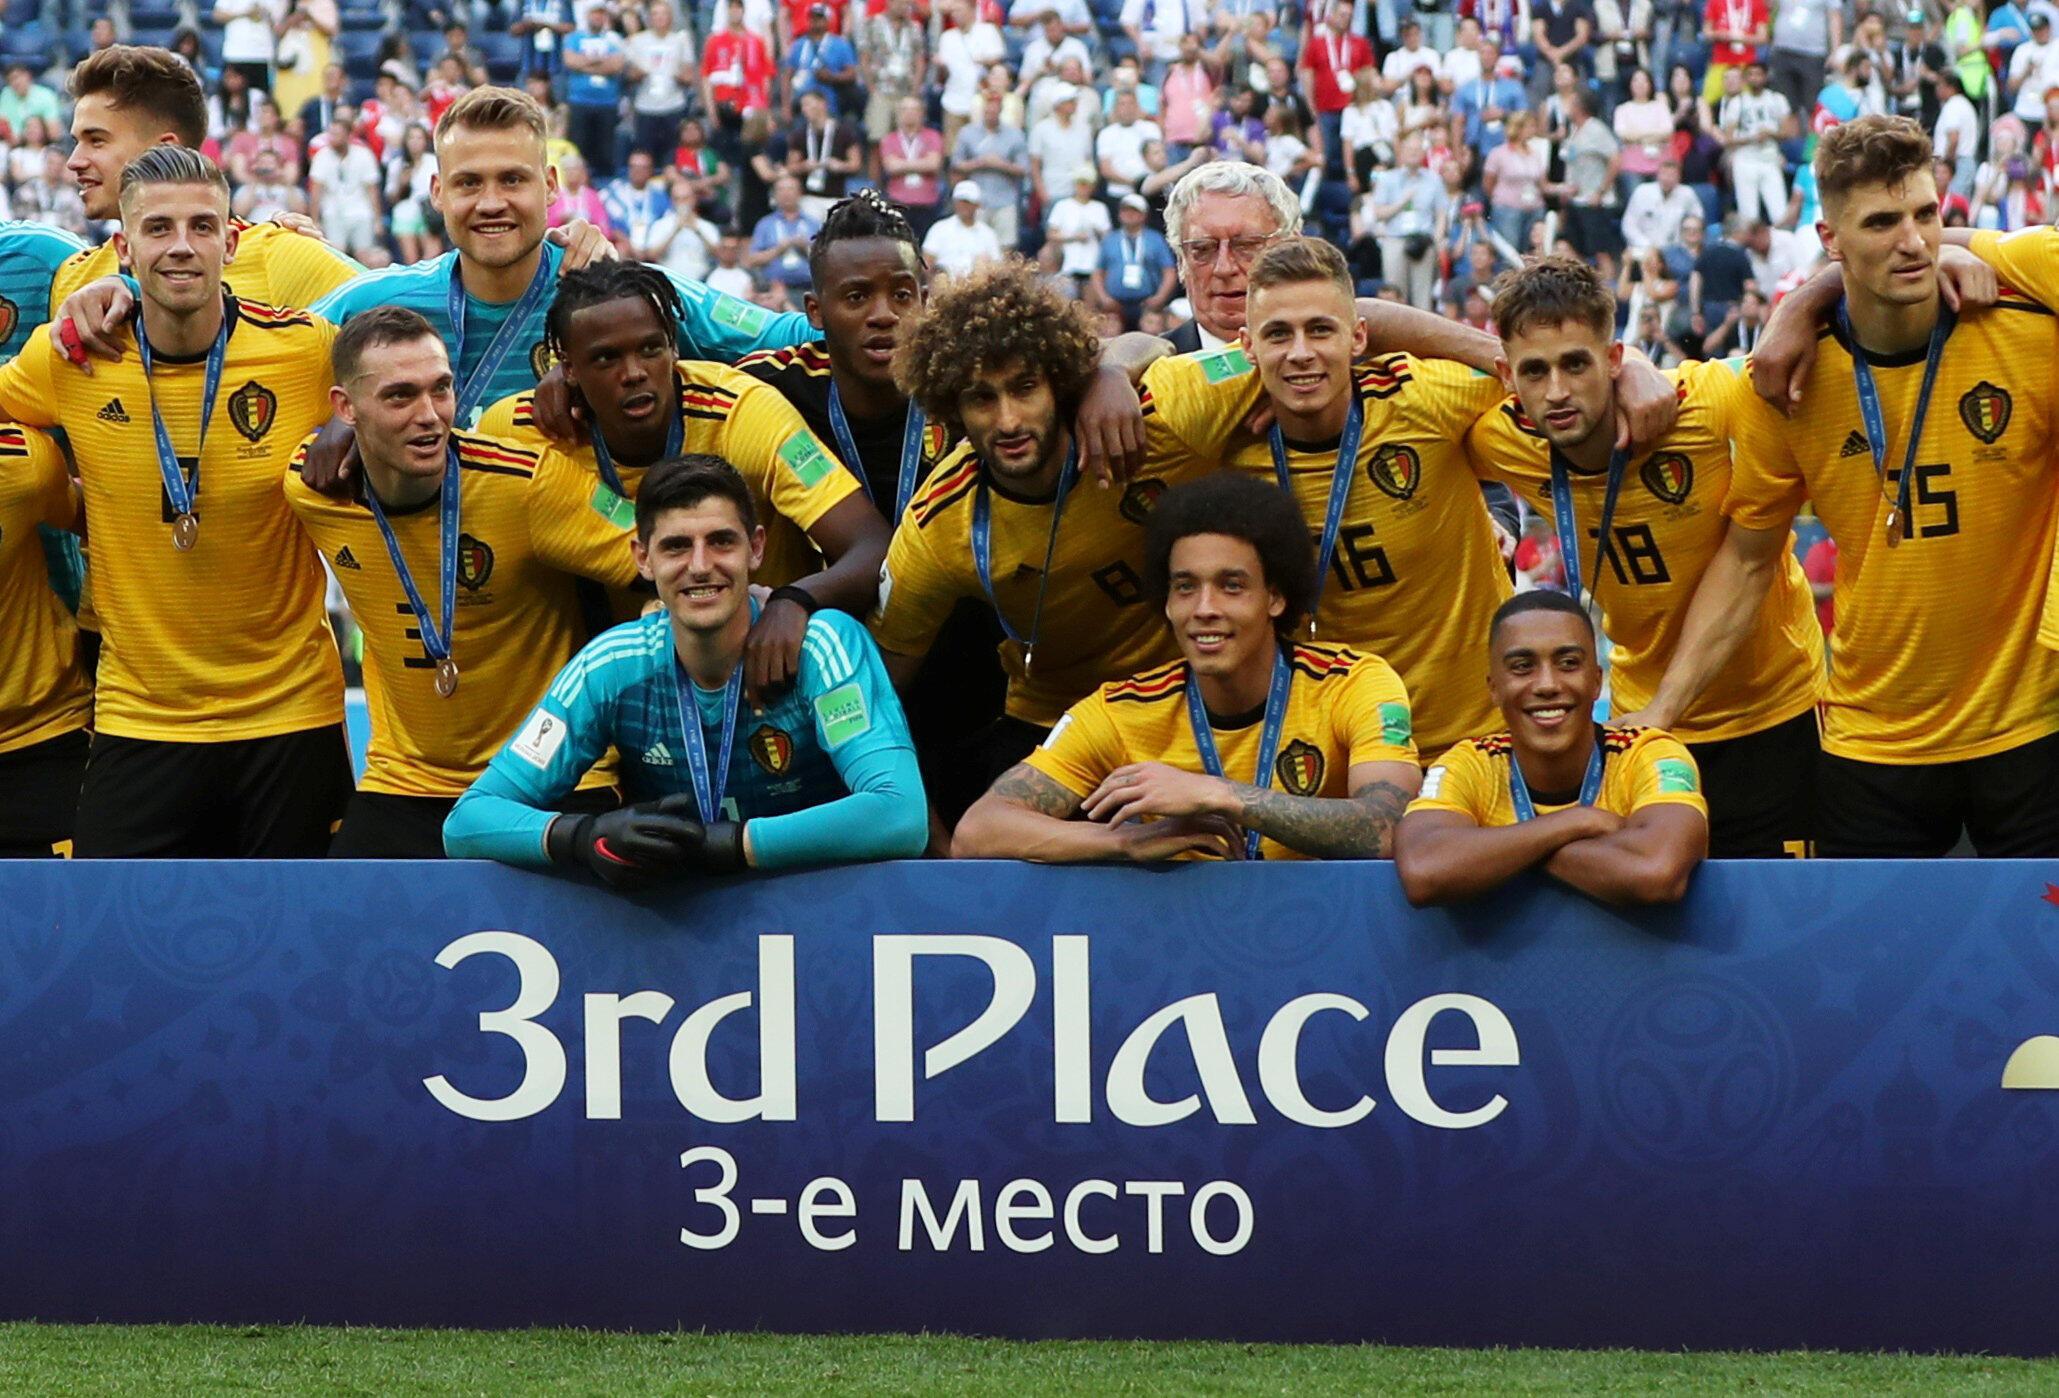 Đội tuyển Bỉ chiến thắng đội Anh và giành vị trí thứ ba tại giải Vô địch Thế giới 2018, sân Saint-Peterburg, ngày 14/07/2018.